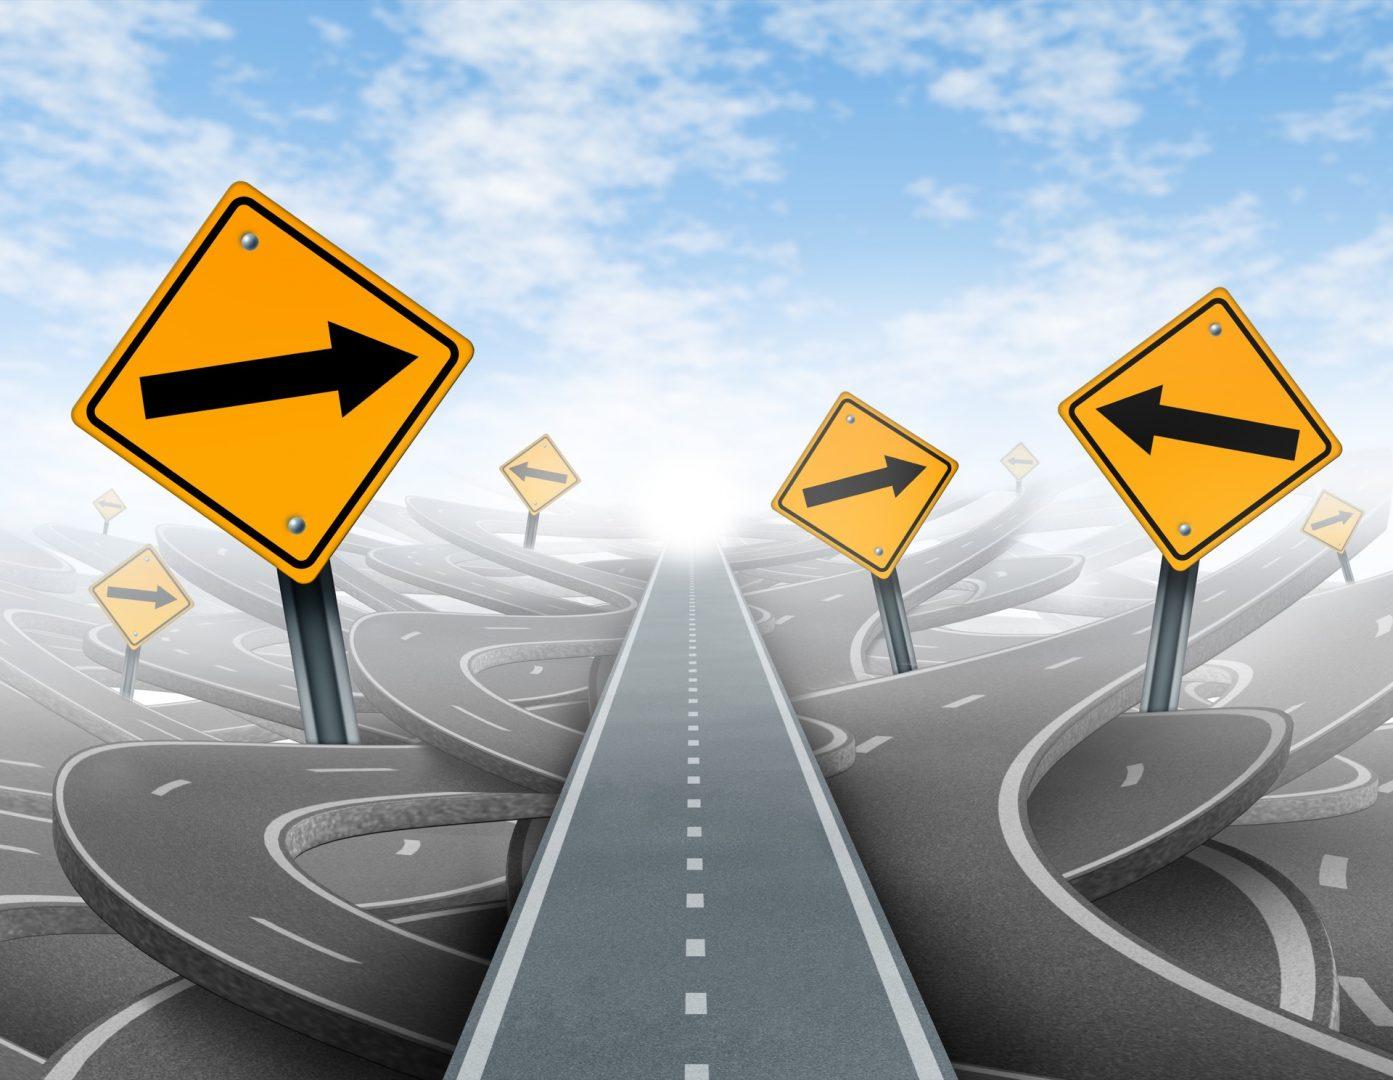 Imagini pentru calea spre succes